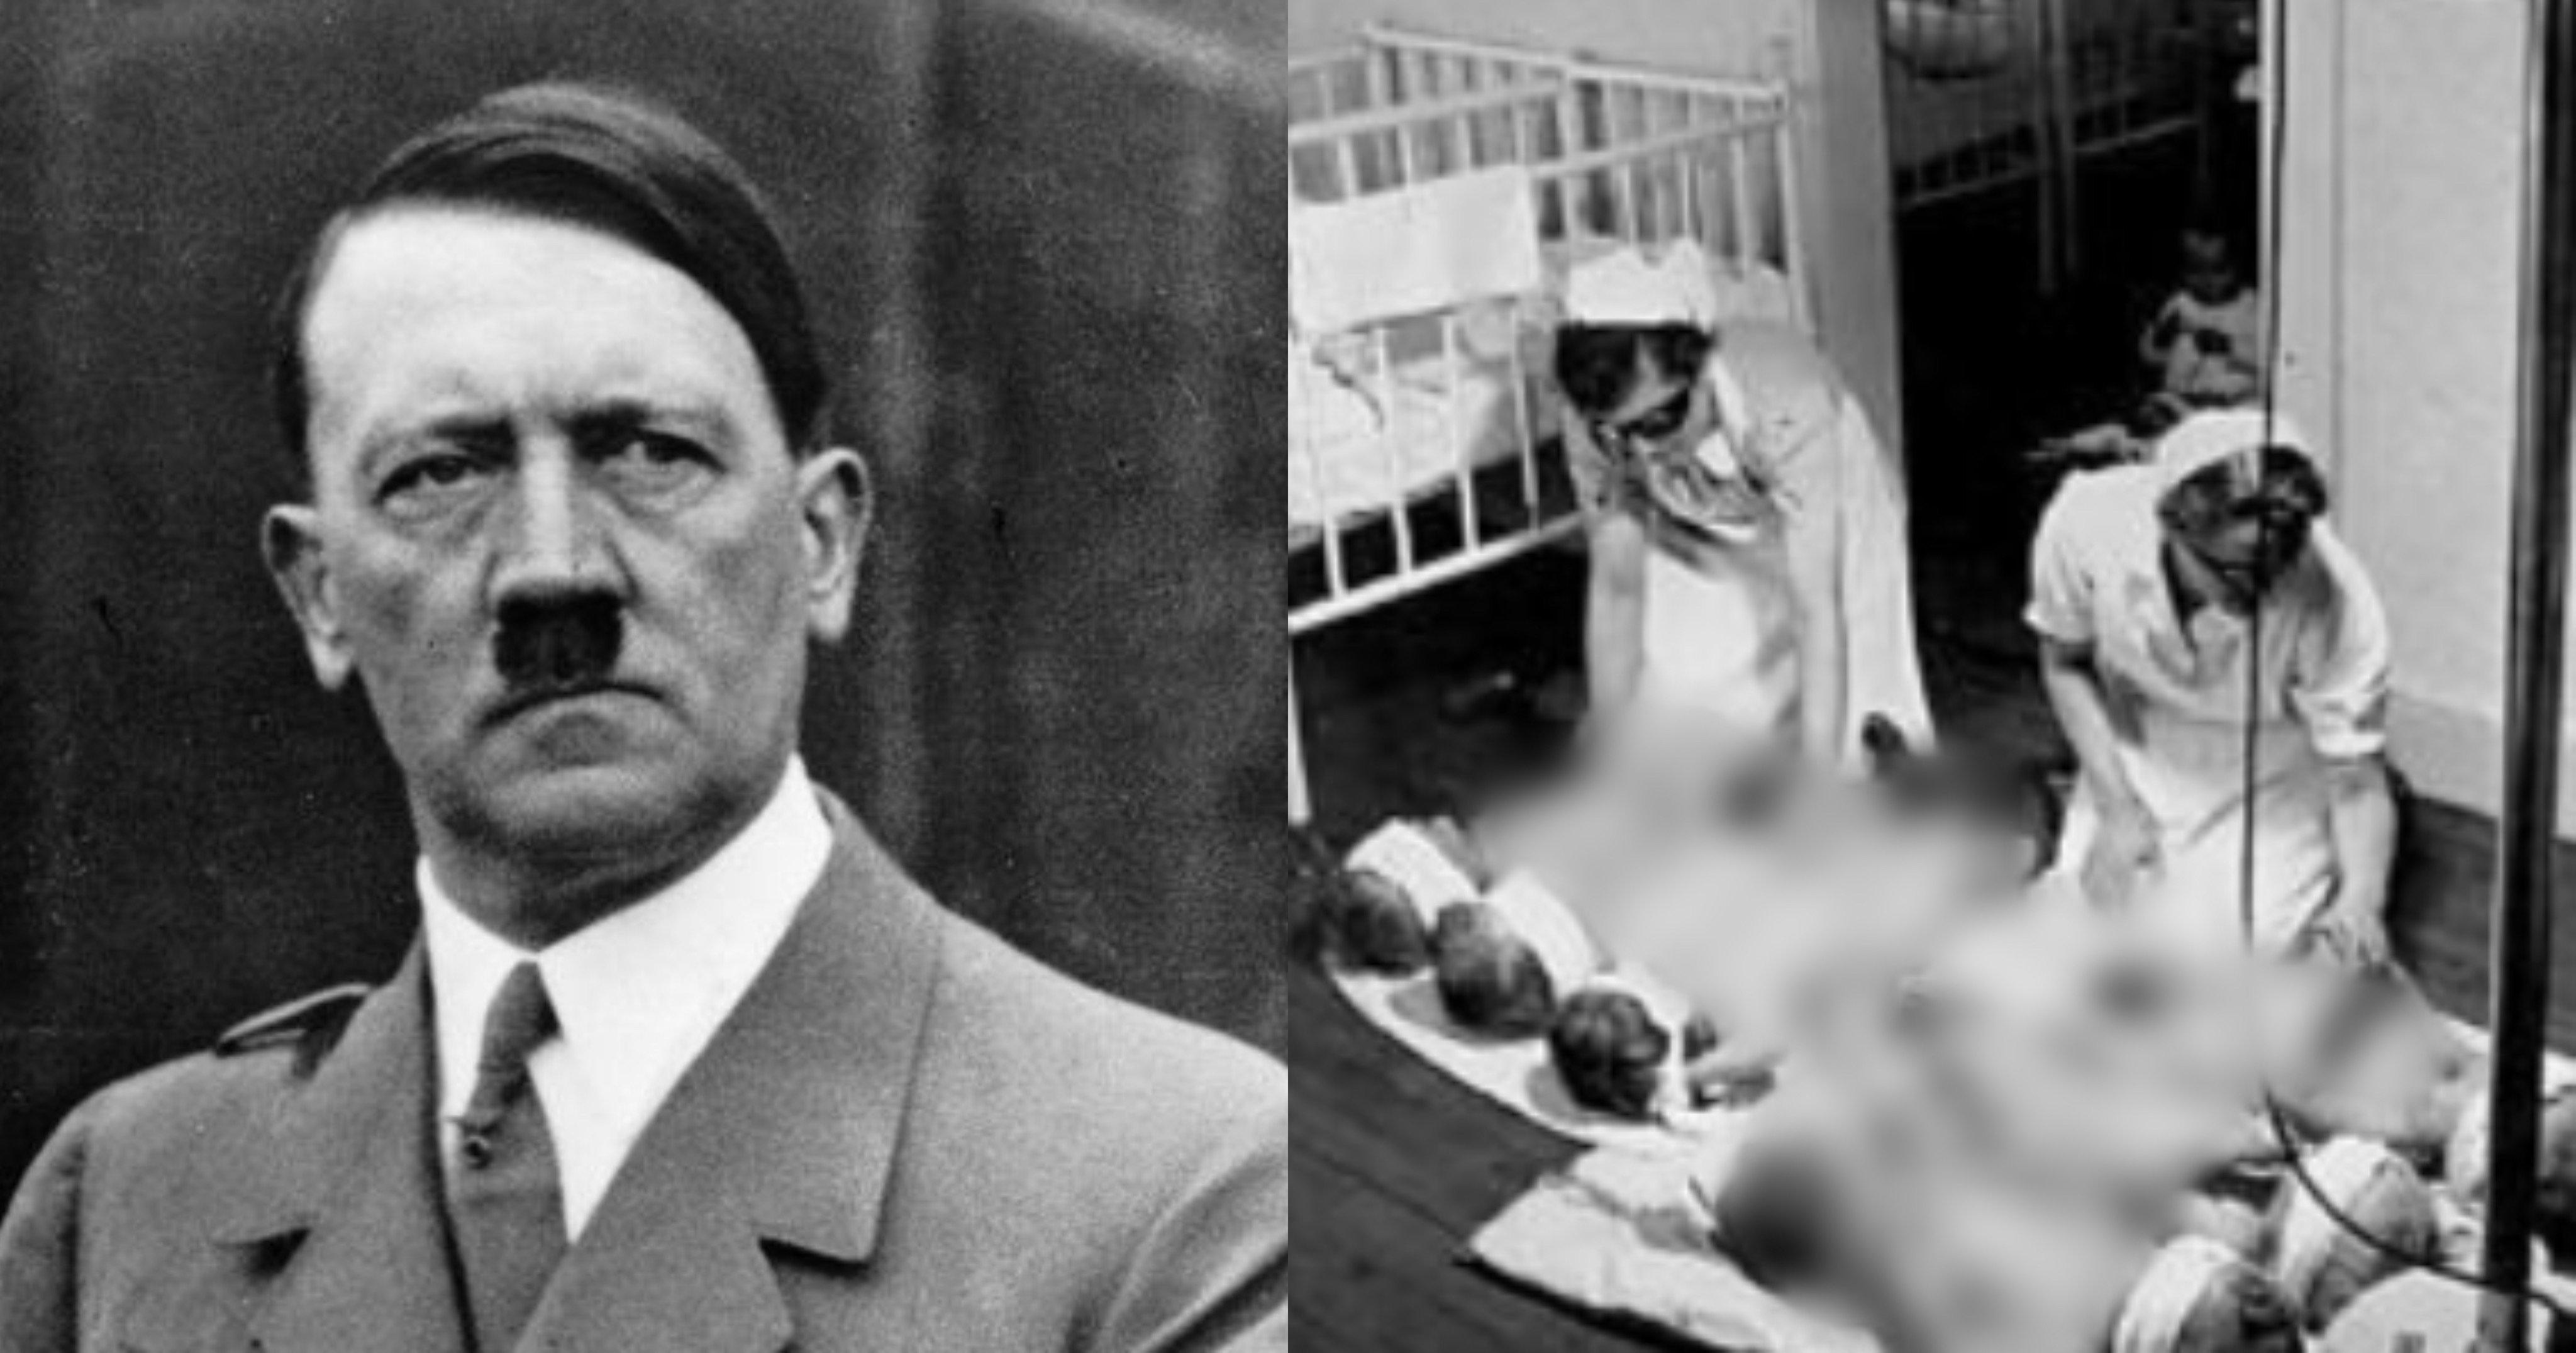 """e38581e384b4e38587e38581e384b4e38587.jpg?resize=1200,630 - """"강제로 섹X를.."""" 악명 높은 독재자인 '히틀러'가 몰래 만들고 있었던 충격적인 것.jpg"""